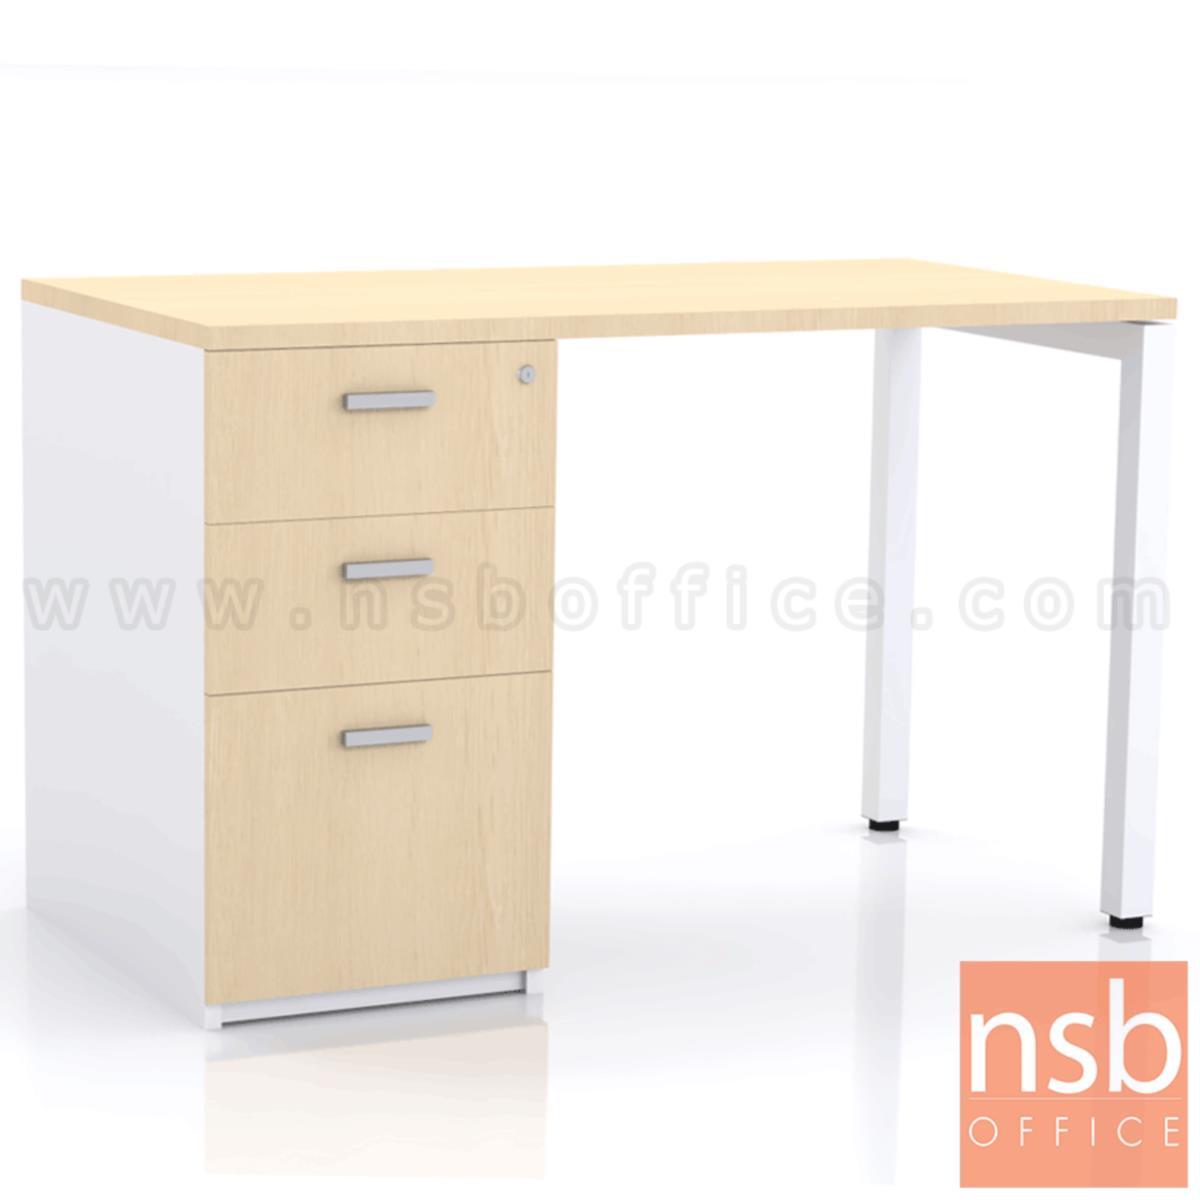 A06A007:โต๊ะทำงาน 3 ลิ้นชัก  ขนาด 120W ,135W ,150W ,180W cm.  ขาเหล็ก